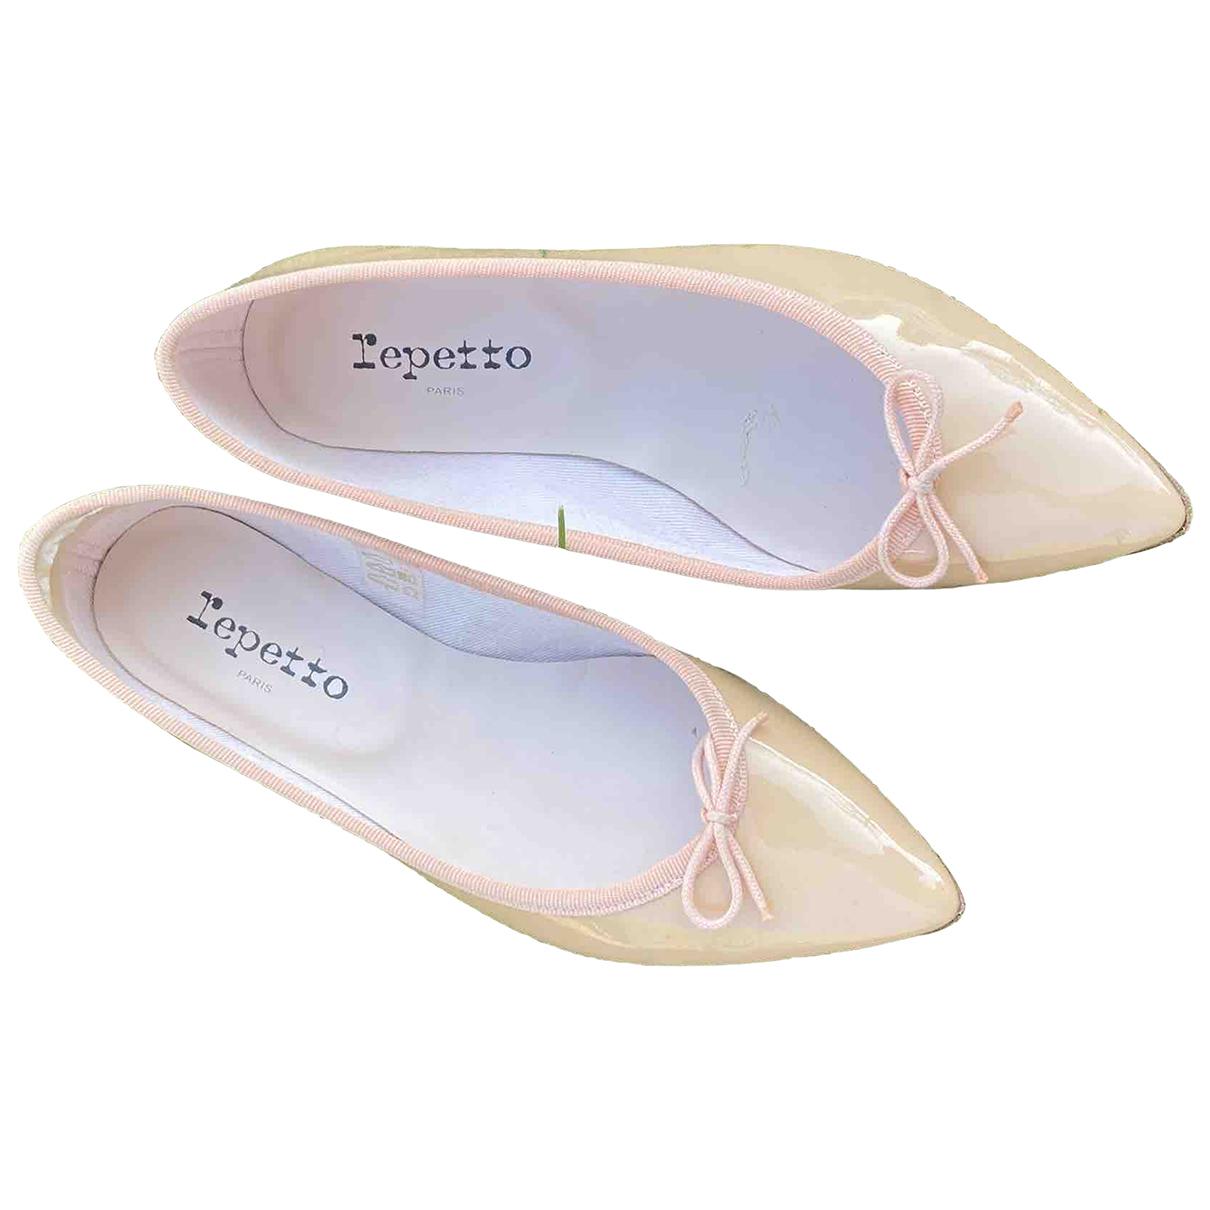 Repetto - Ballerines   pour femme en cuir verni - beige